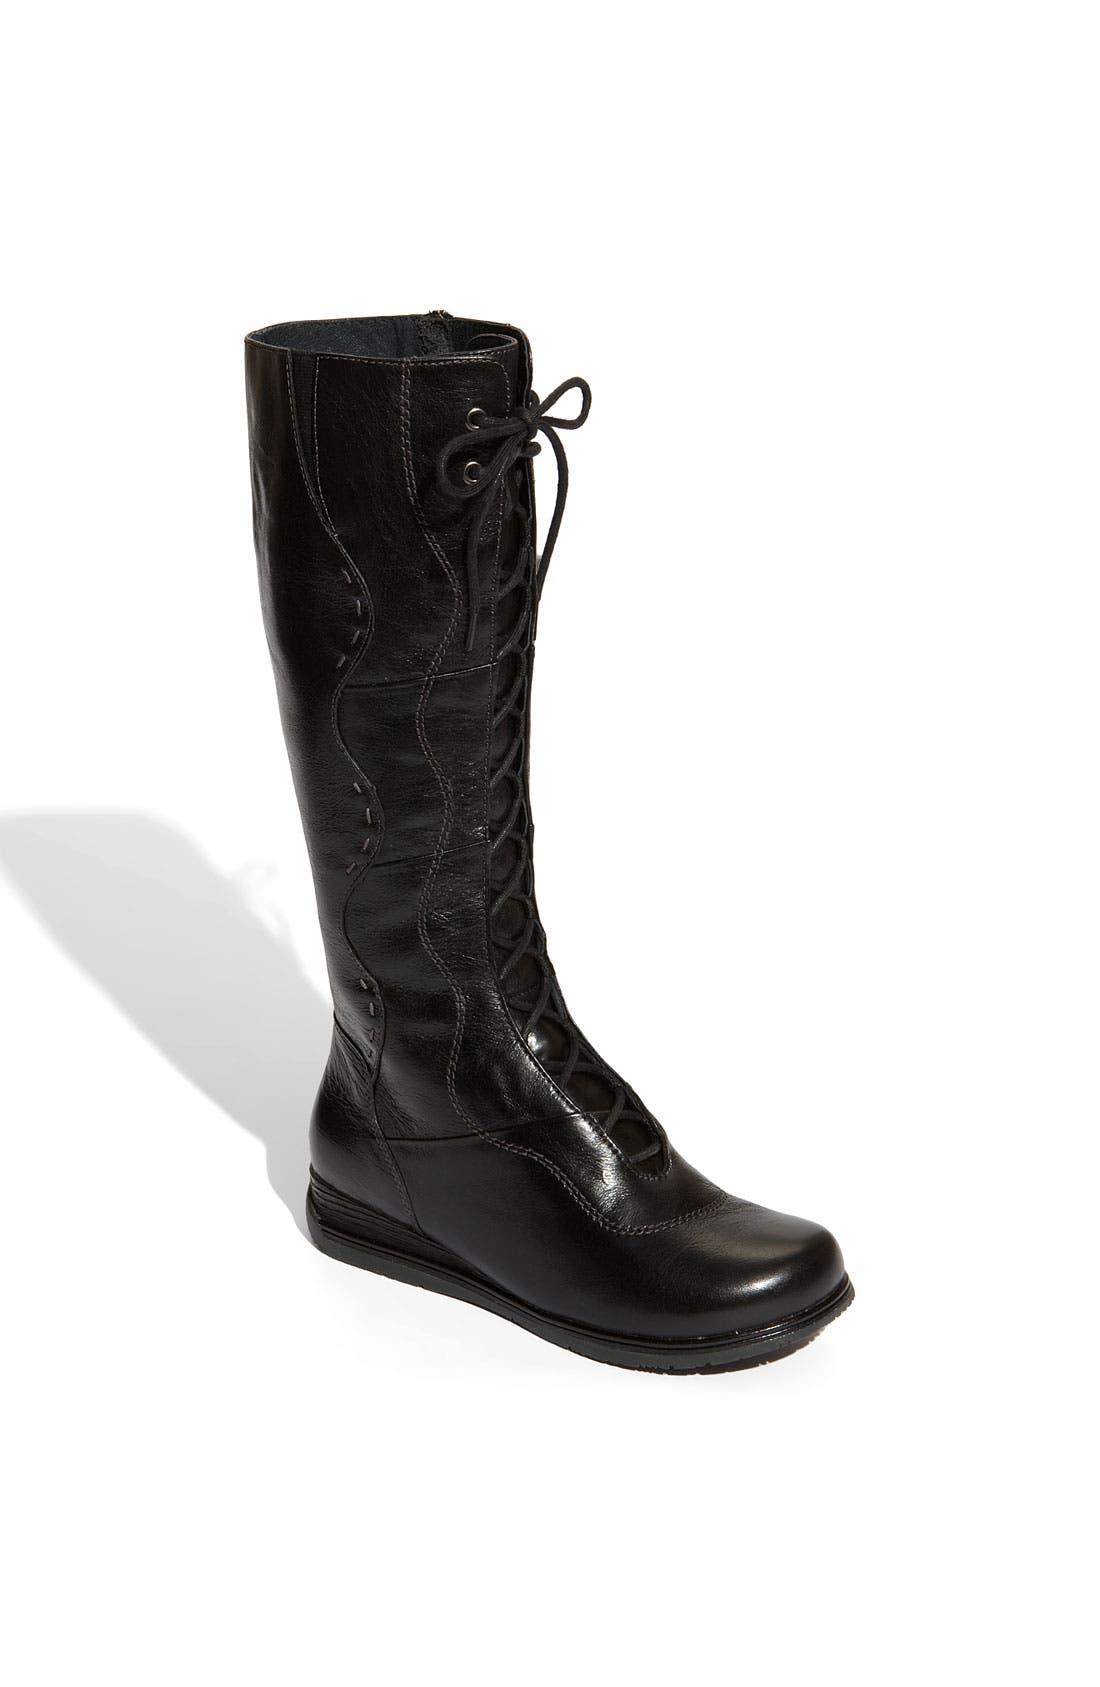 Main Image - Dansko 'Penelope' Boot